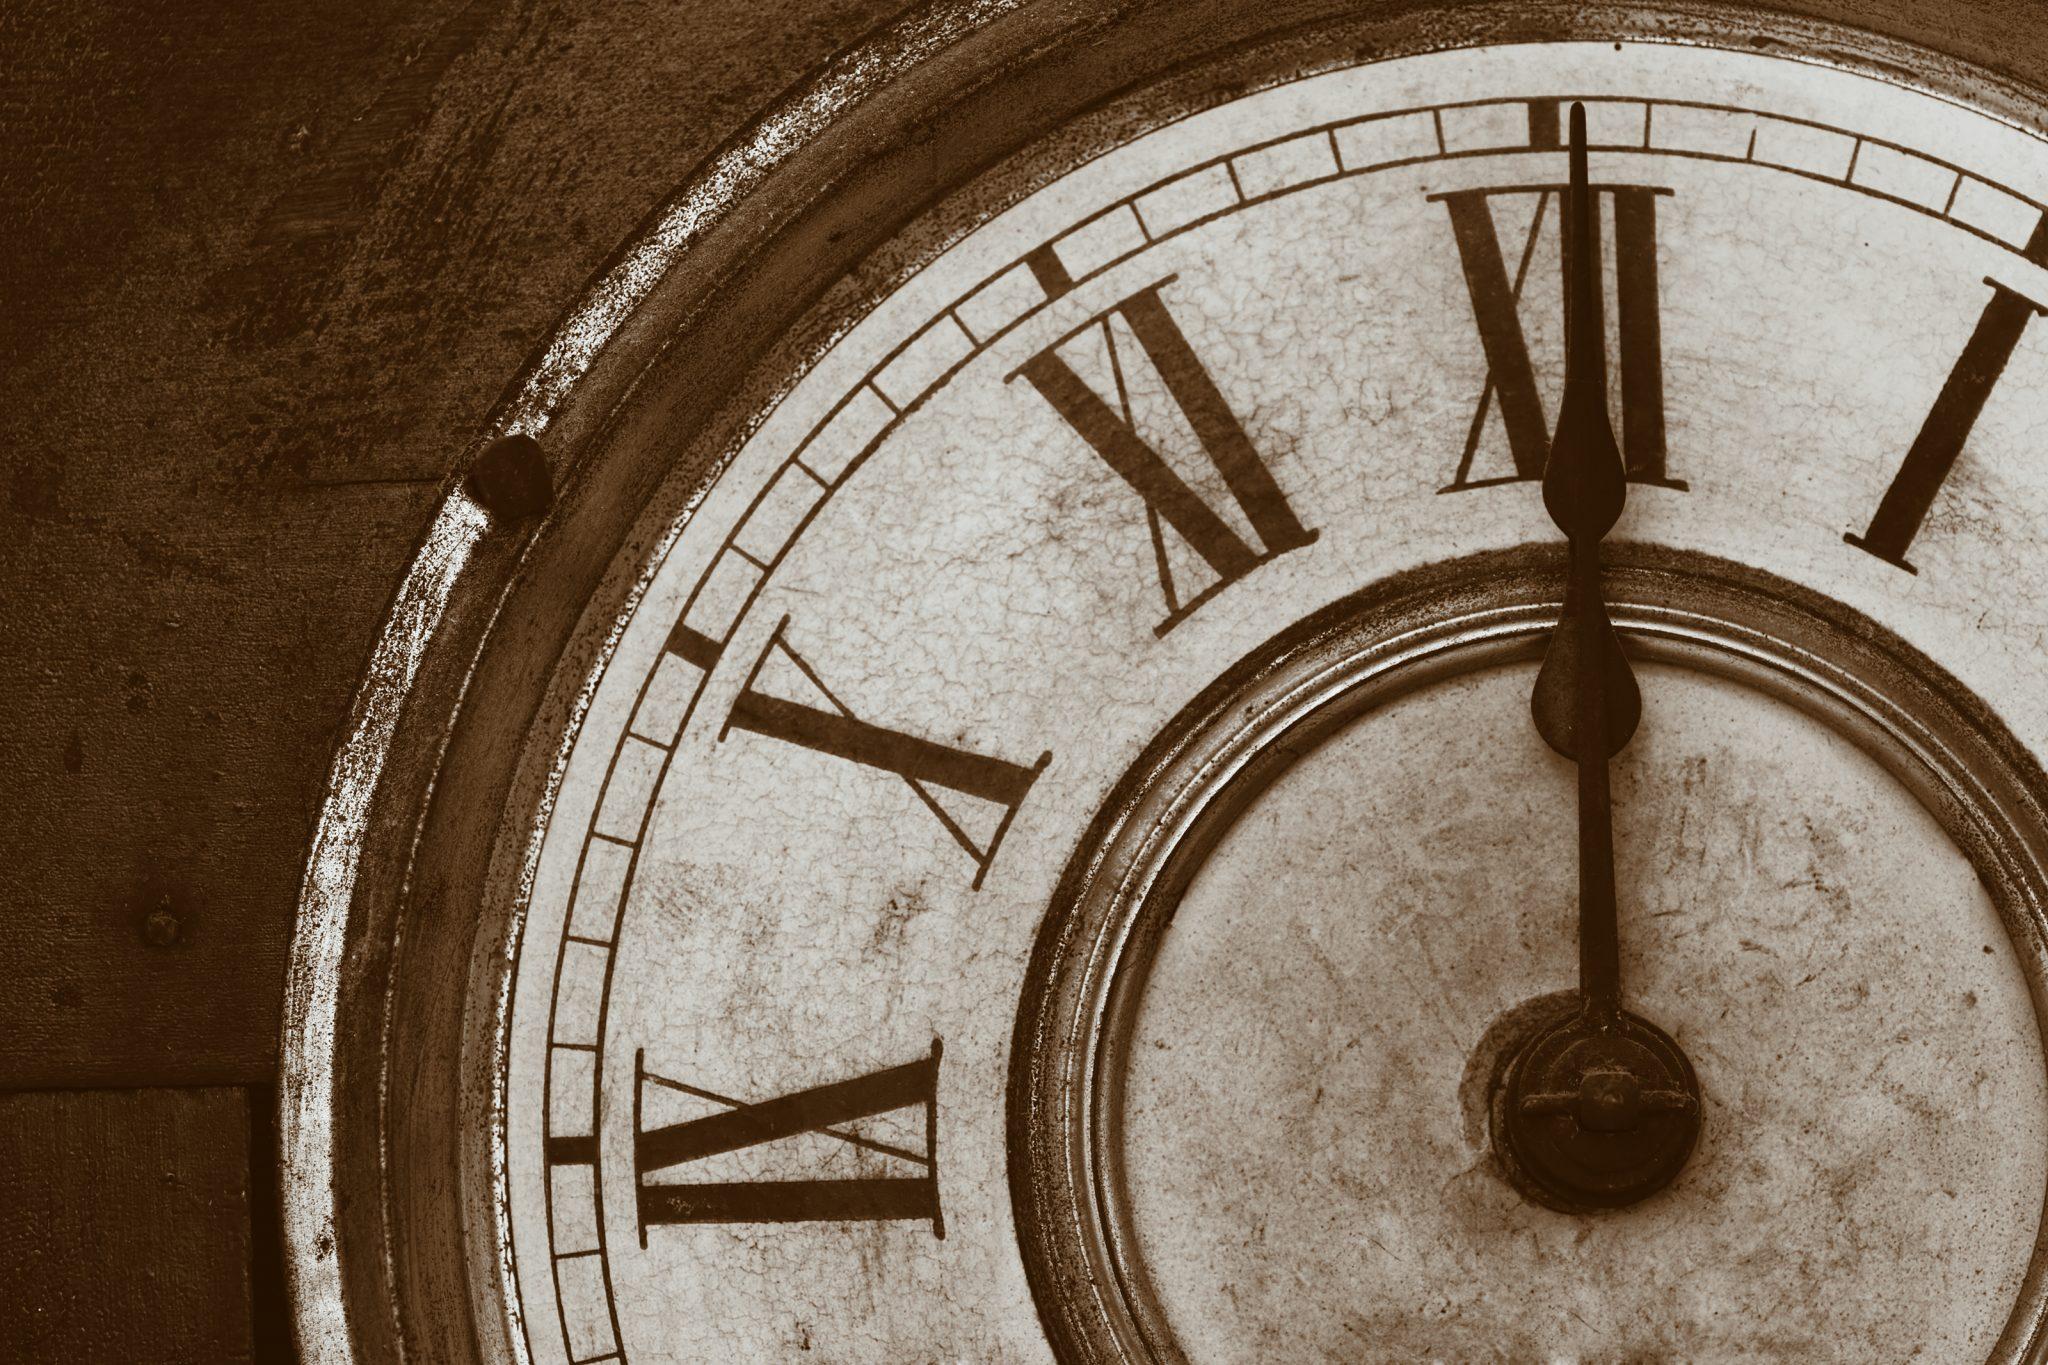 antique clock face tricia lott williford